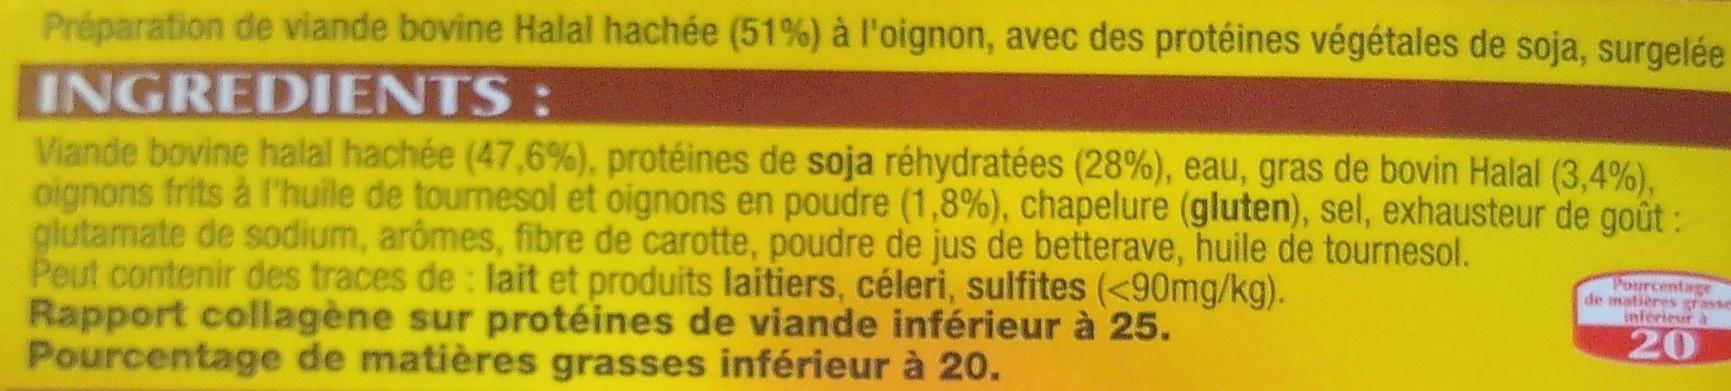 10 Burgers a l'oignon surgelés - Ingrédients - fr